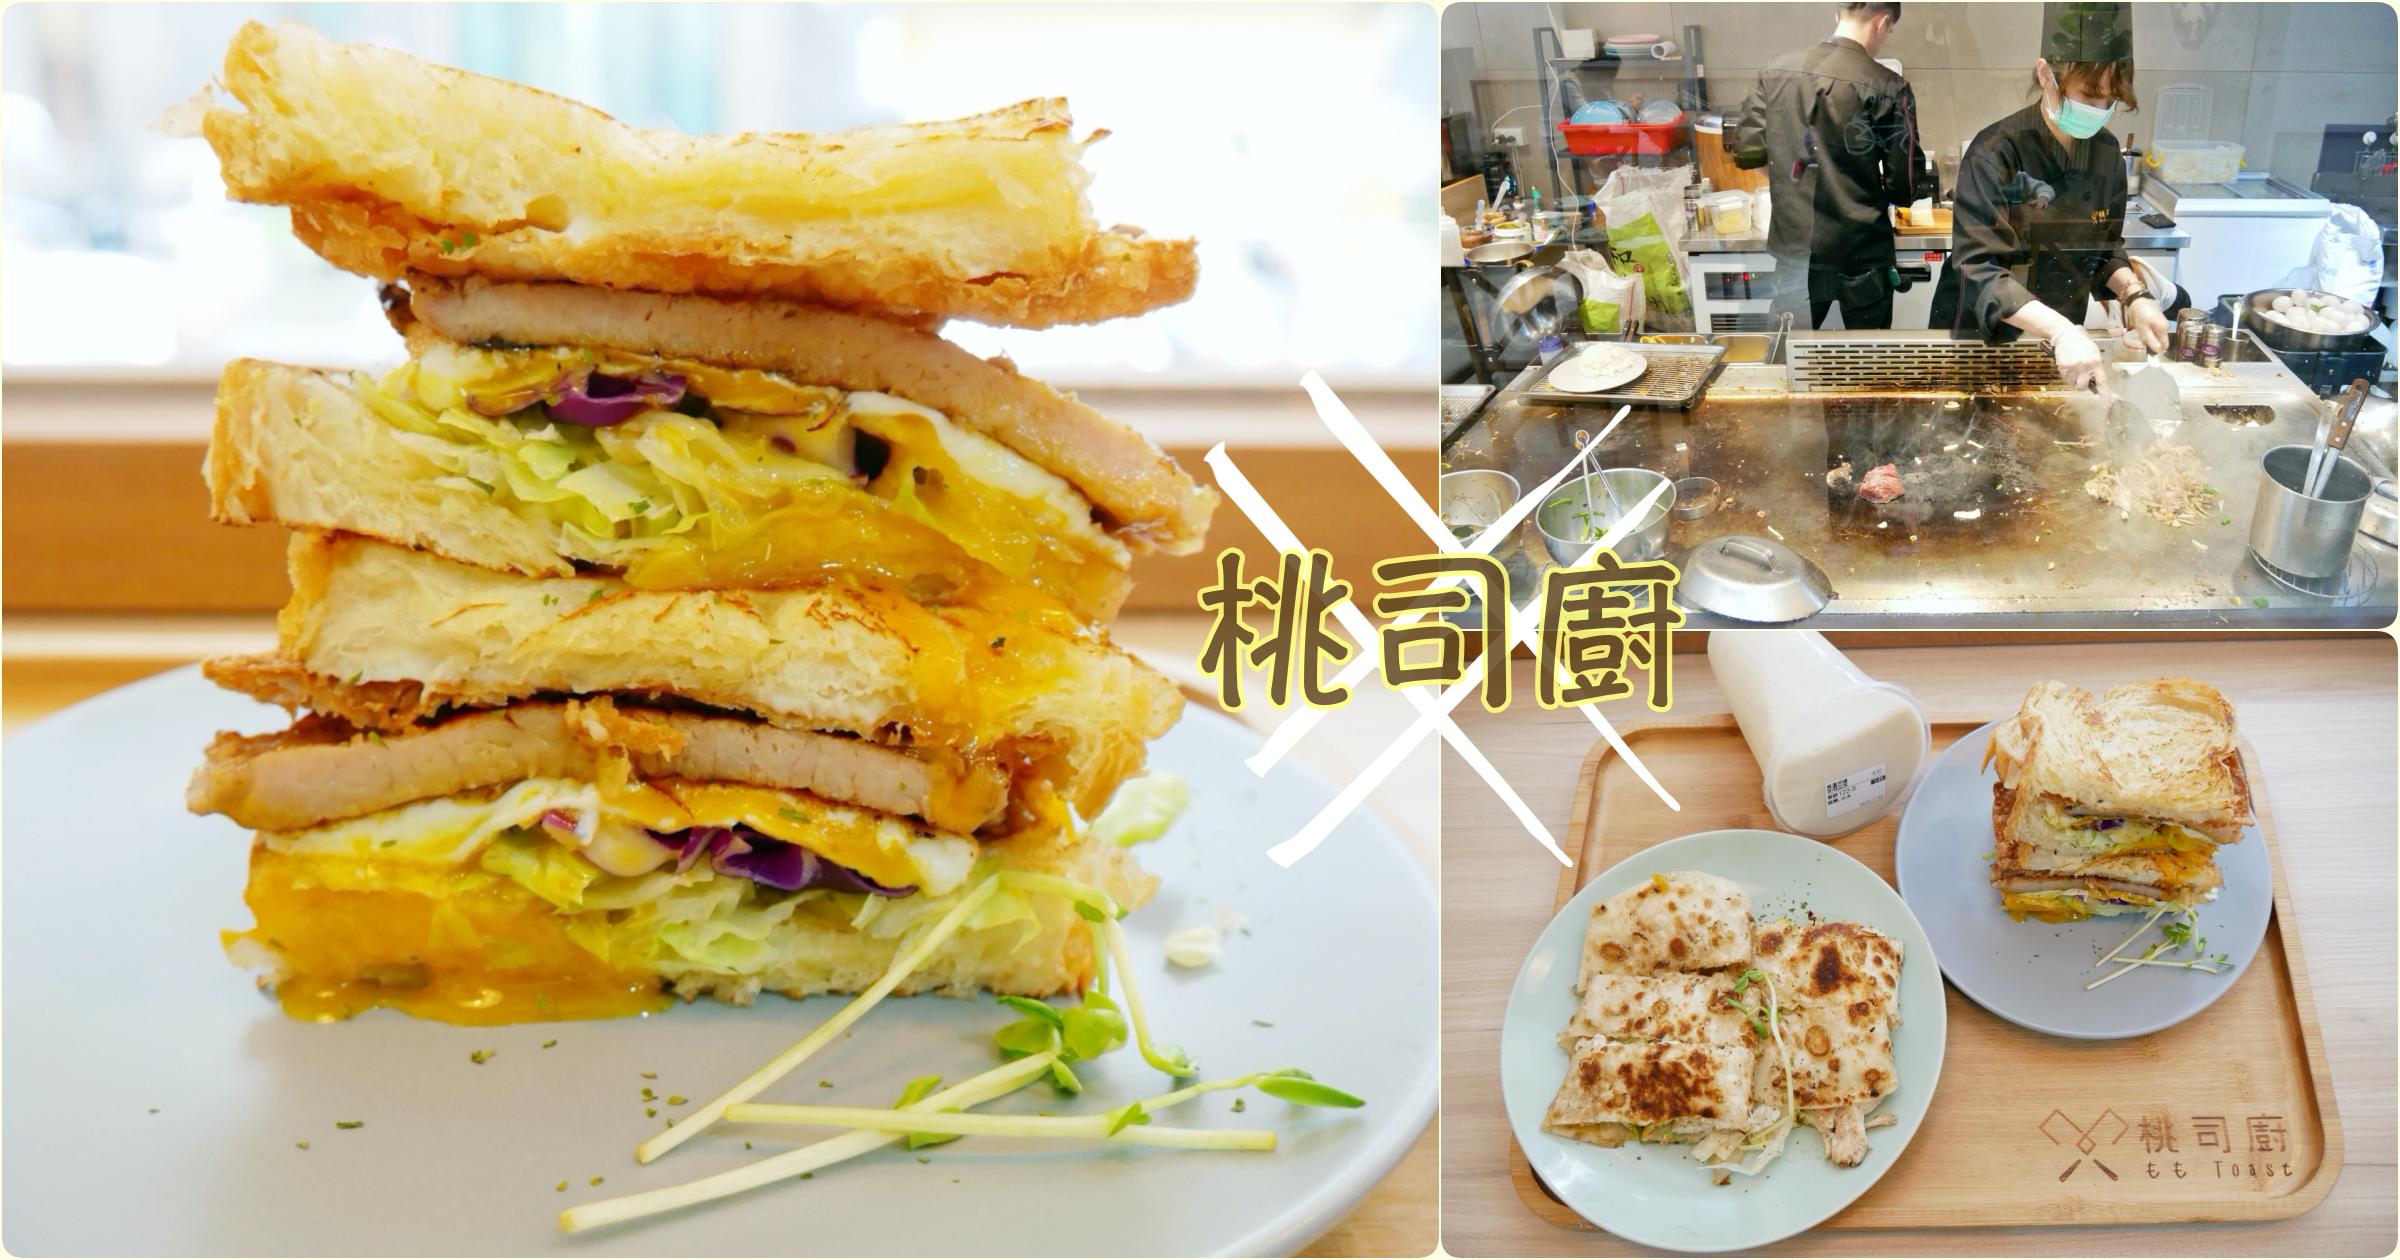 最新推播訊息:[桃園美食]桃司廚.鐵板早午餐|武陵高中附近人氣店~現點現做鐵板燒料理.平價餐點